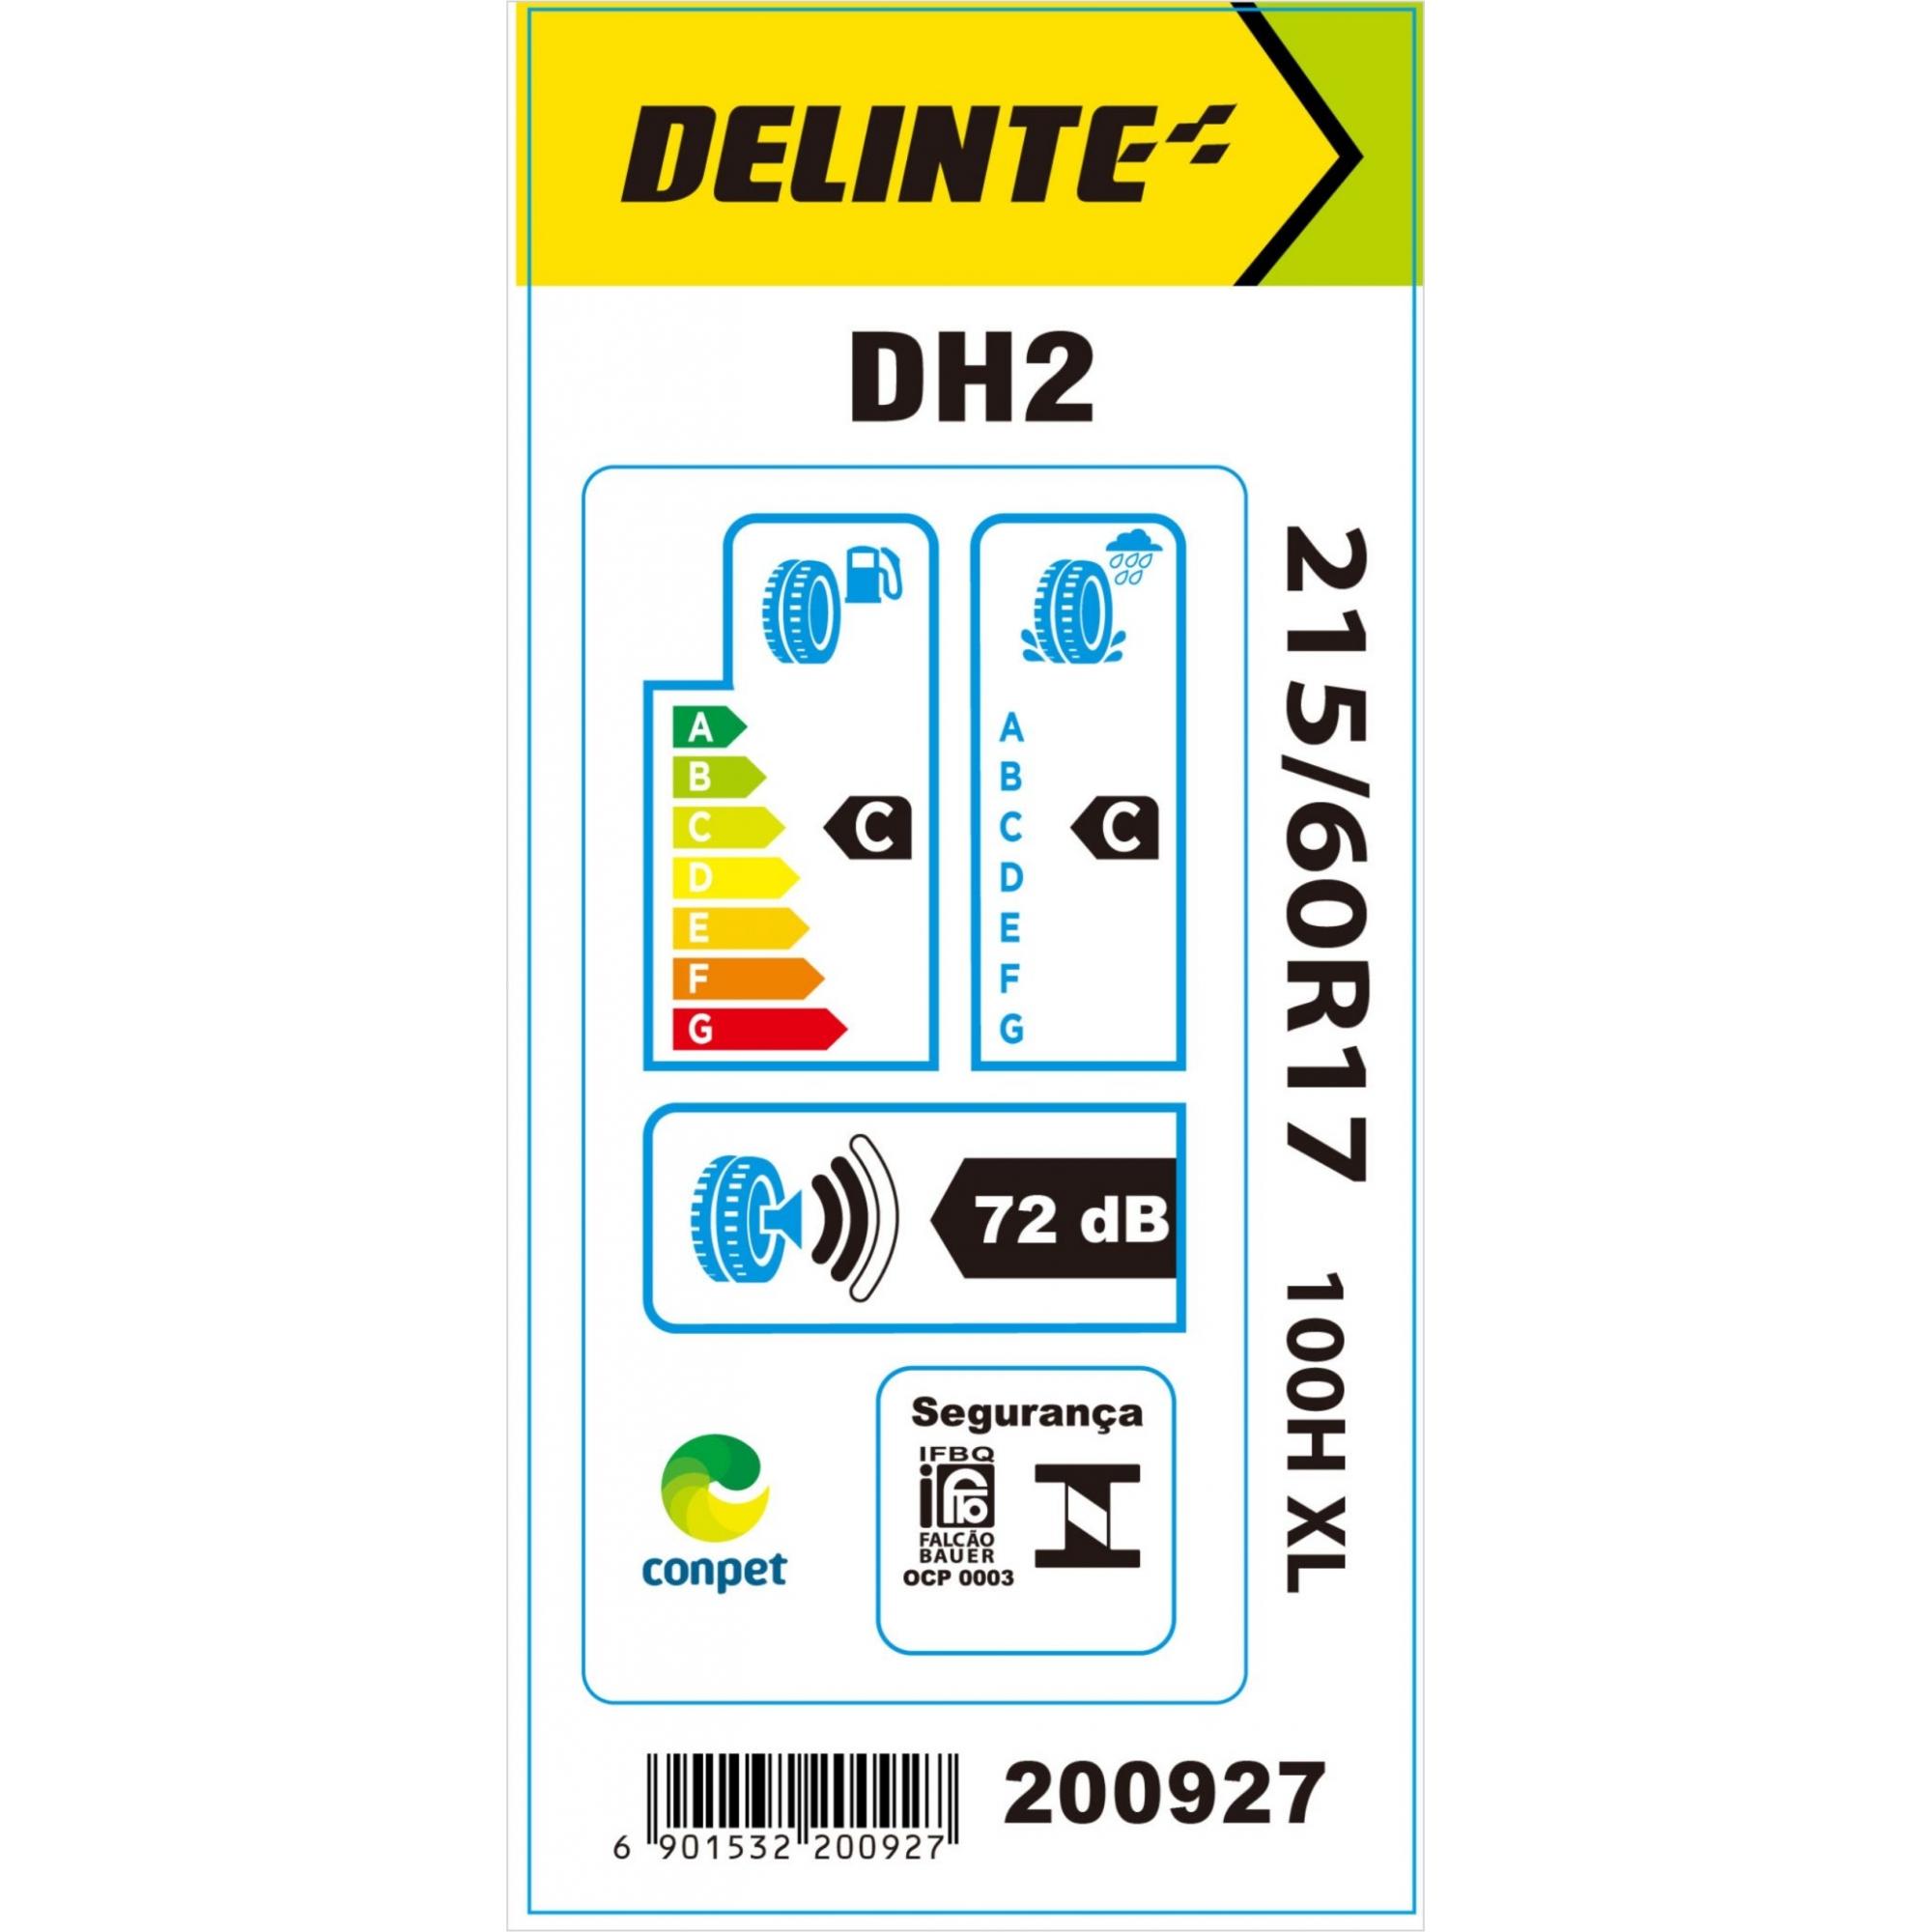 Pneu Delinte Aro 17 215/60 R17 DH2 100H XL